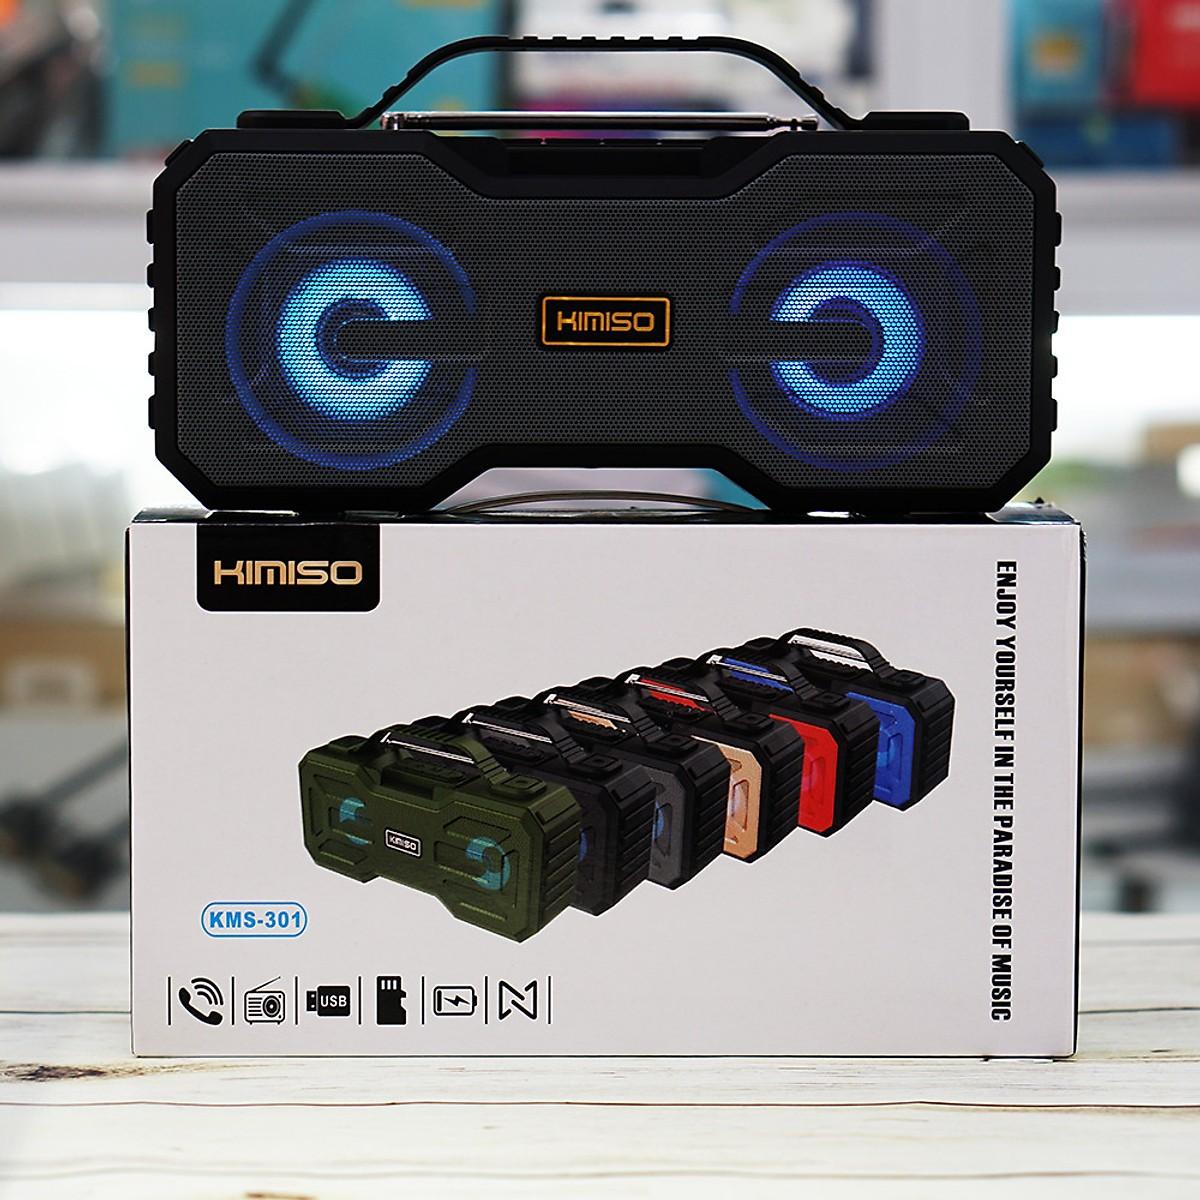 Loa bluetooth siêu bass Kimiso KMS-301, âm thanh trong âm bass siêu trầm, có quai xách, đèn led đổi màu sống động, có fm - hàng nhập khẩu(màu ngẫu nhiên)